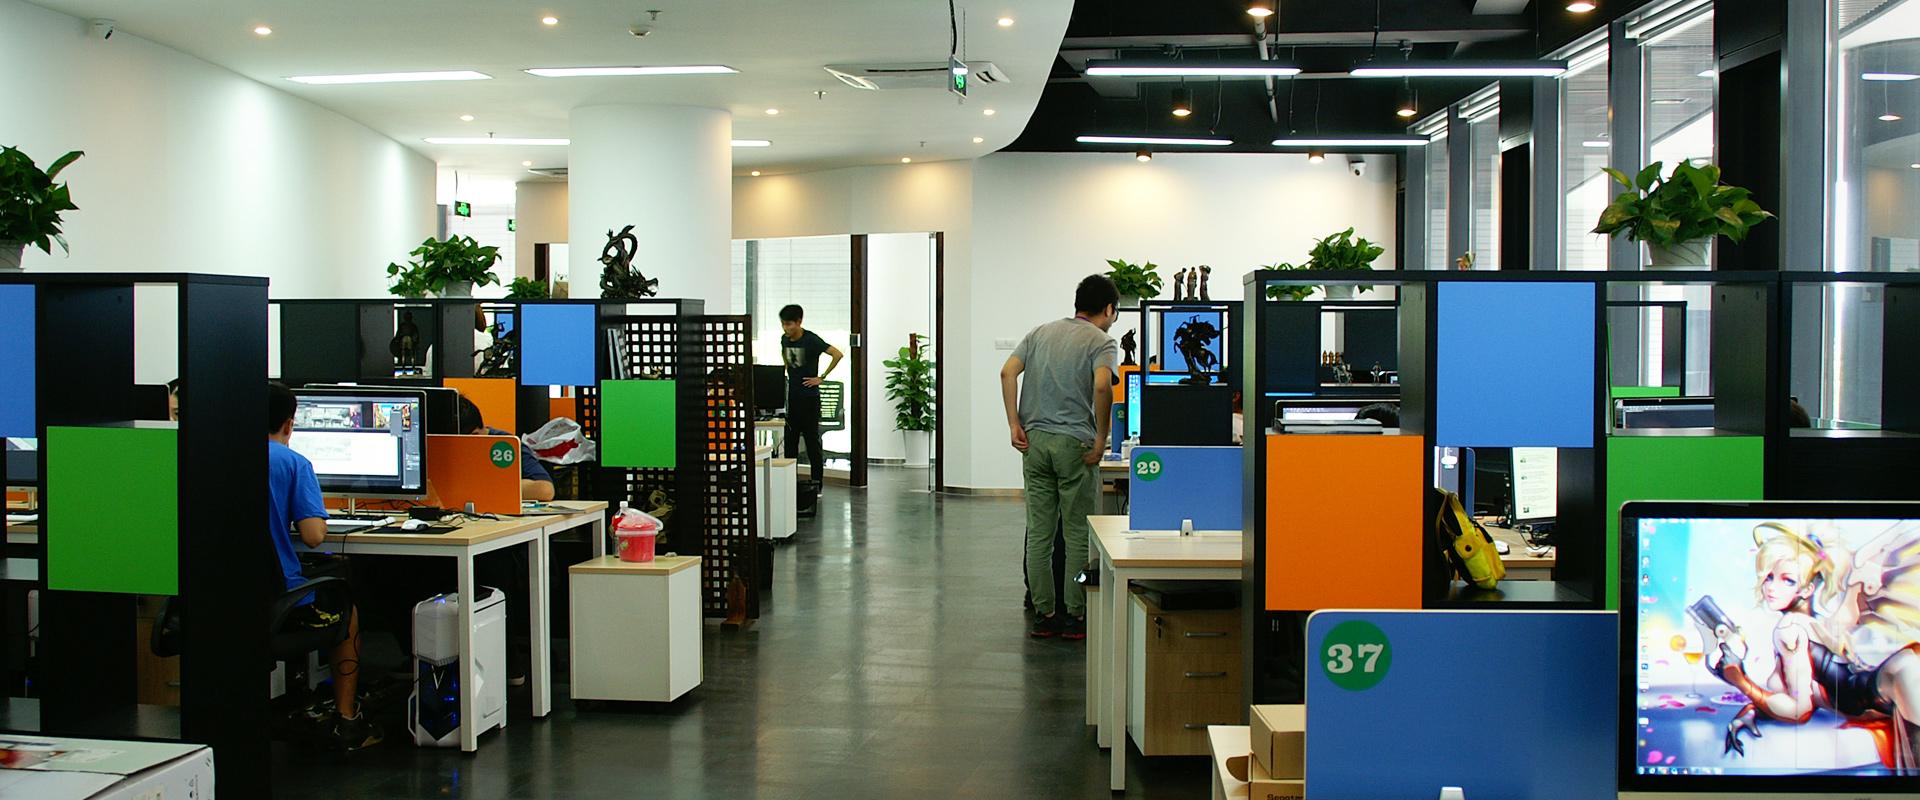 中兰环保首次公开发行股票并在创业板上市网上路演将在今日下午举行_创业团队